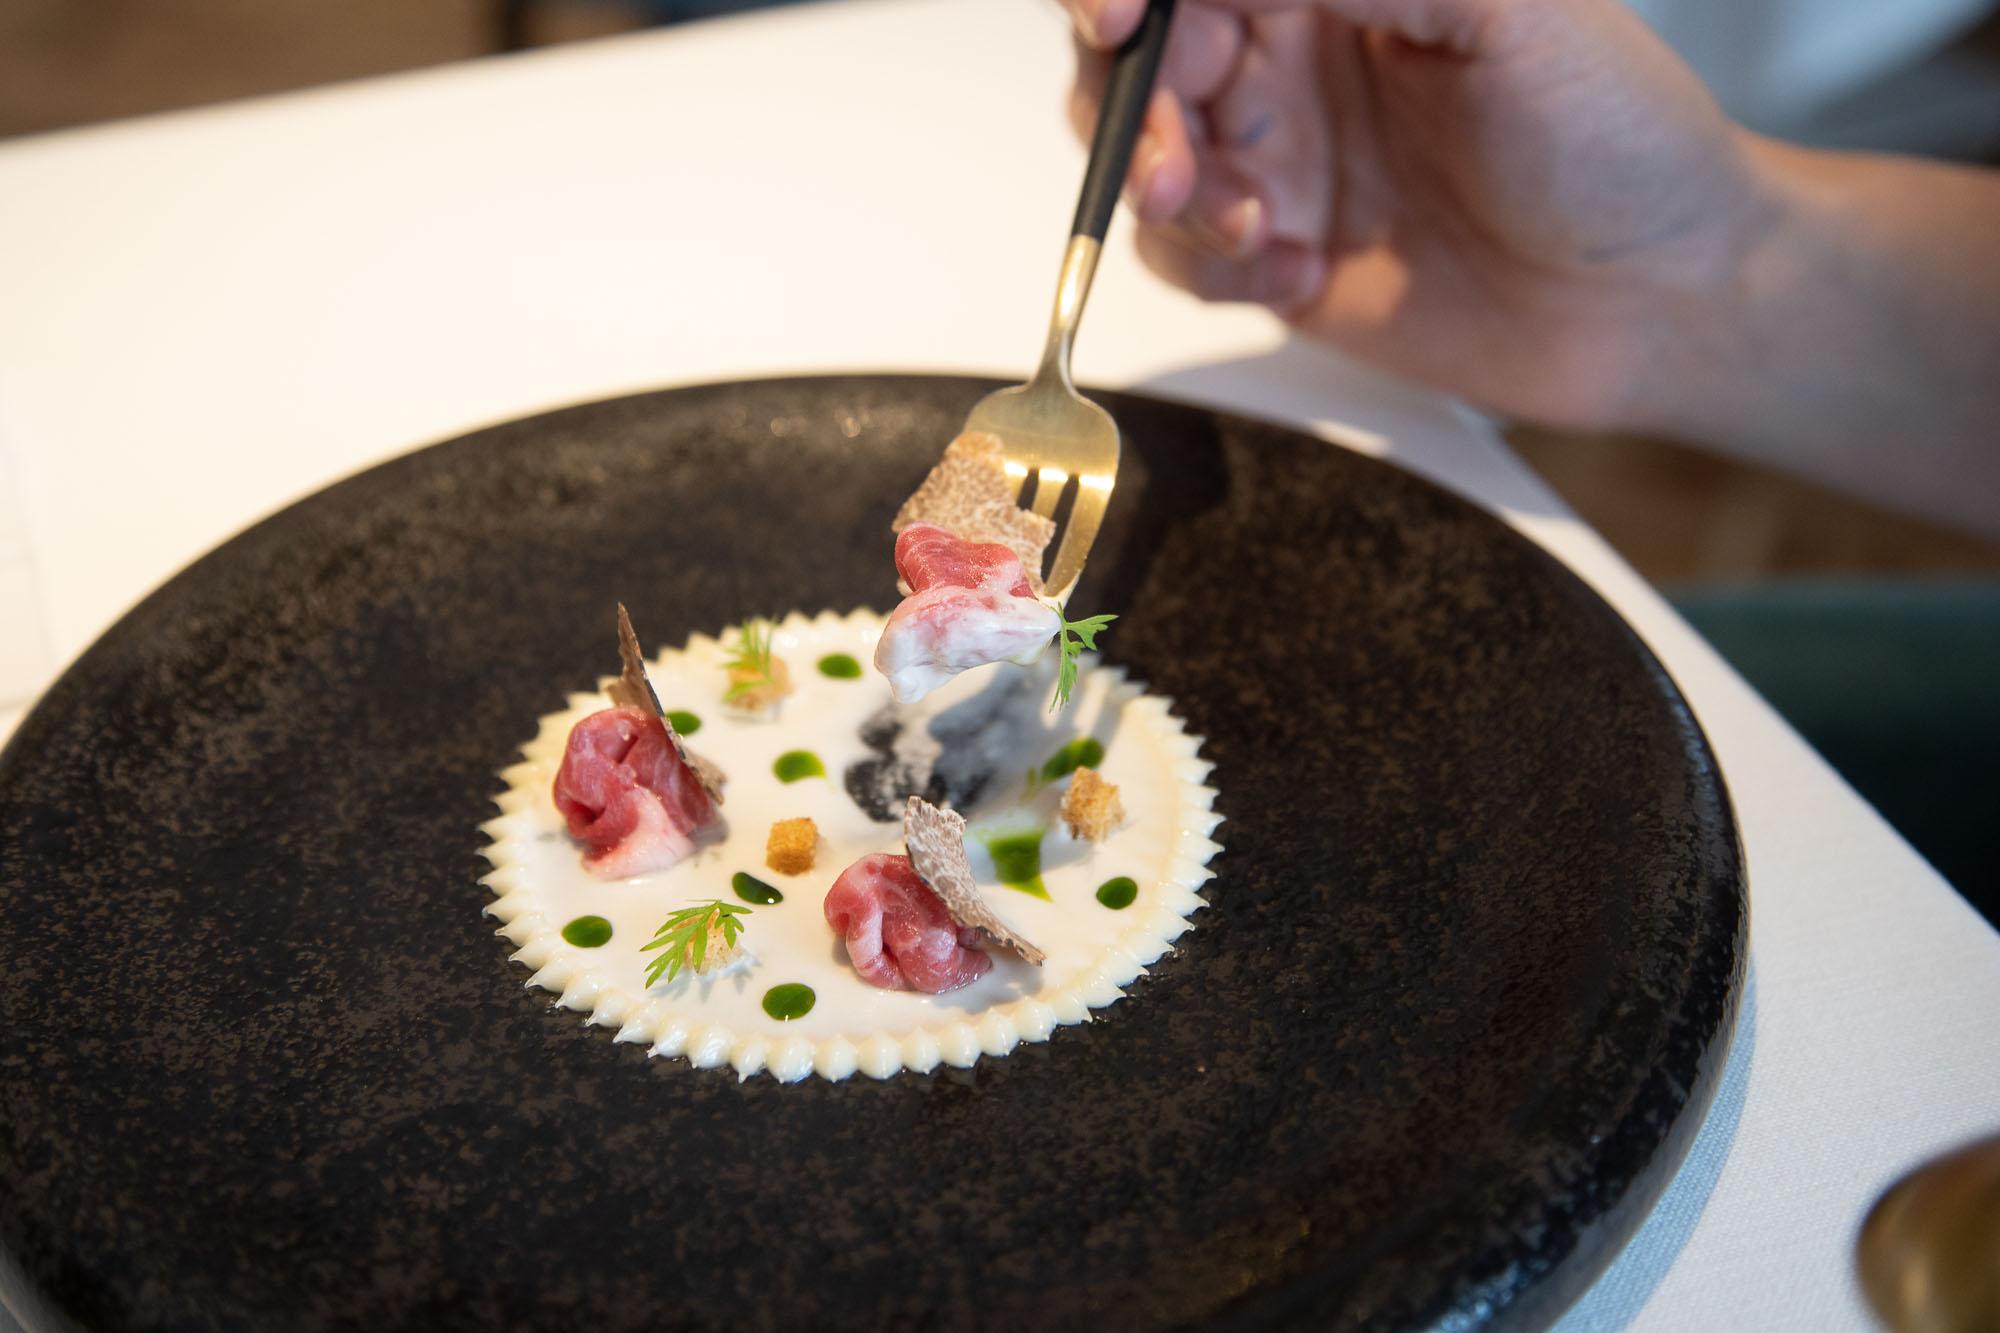 Láminas de presa ibérica con suero de cebolletas frescas, trufa blanca, boletus y queso payoyo.